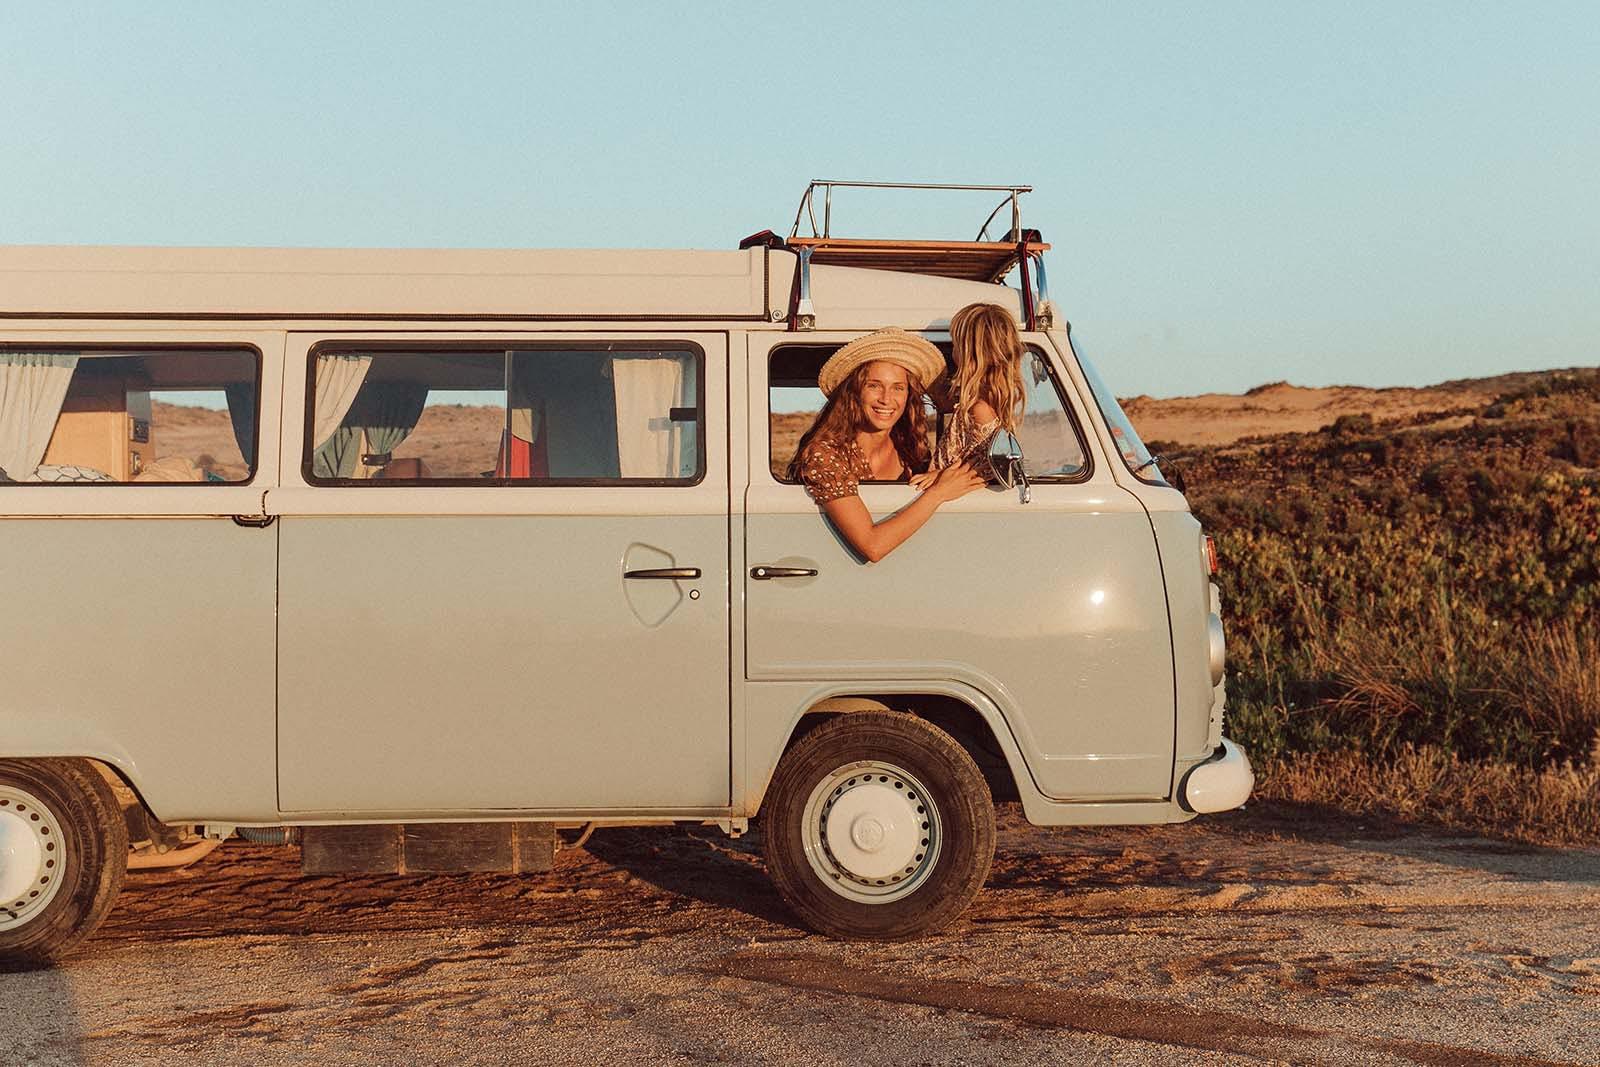 Envite los campamentos libres y tendrá unas buenas vacaciones en autocaravana en Portugal.